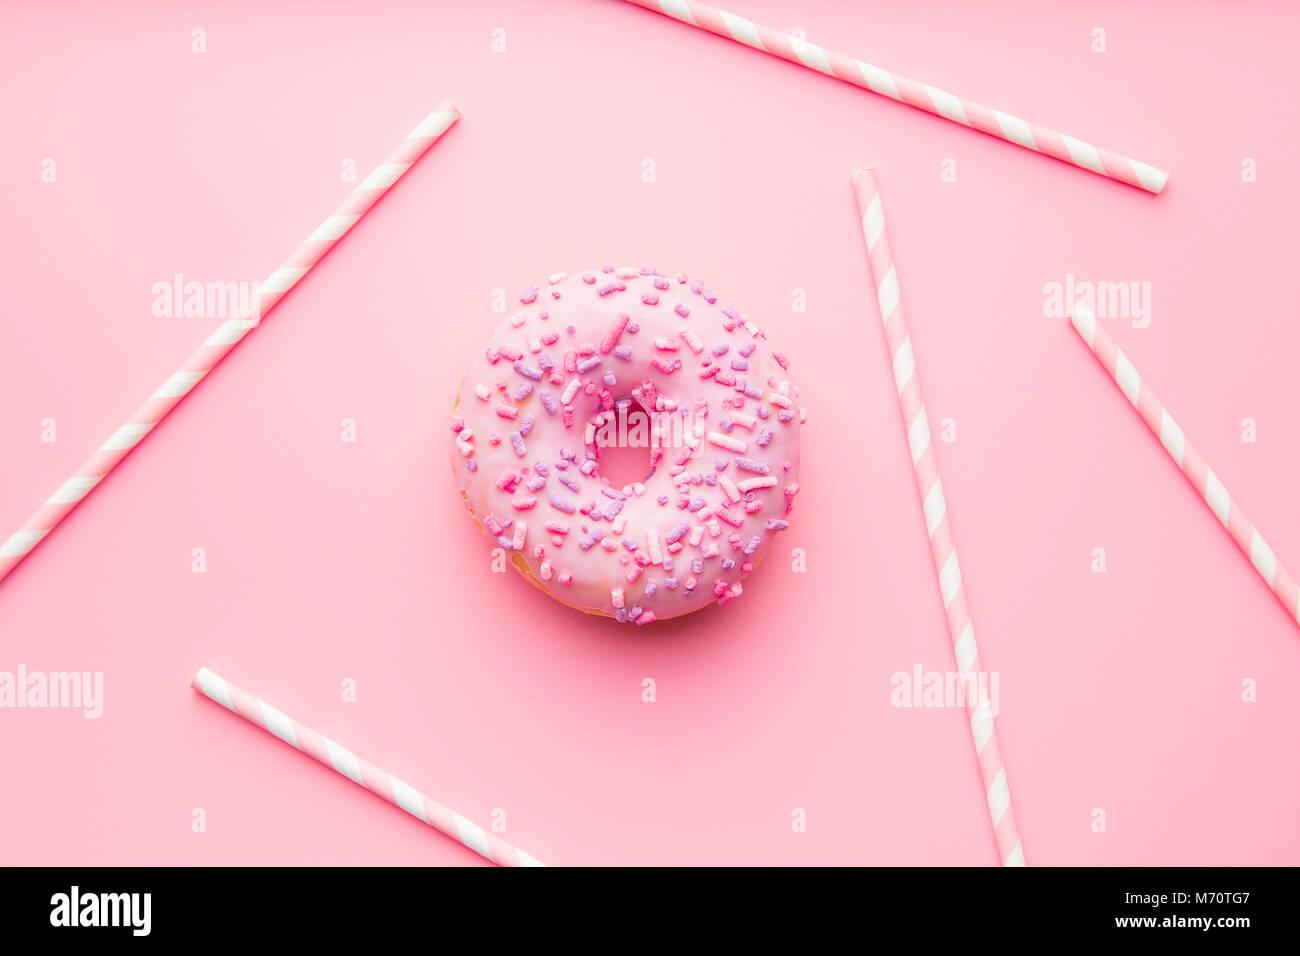 Ciambella rosa e paillette rosa su sfondo rosa. Immagini Stock